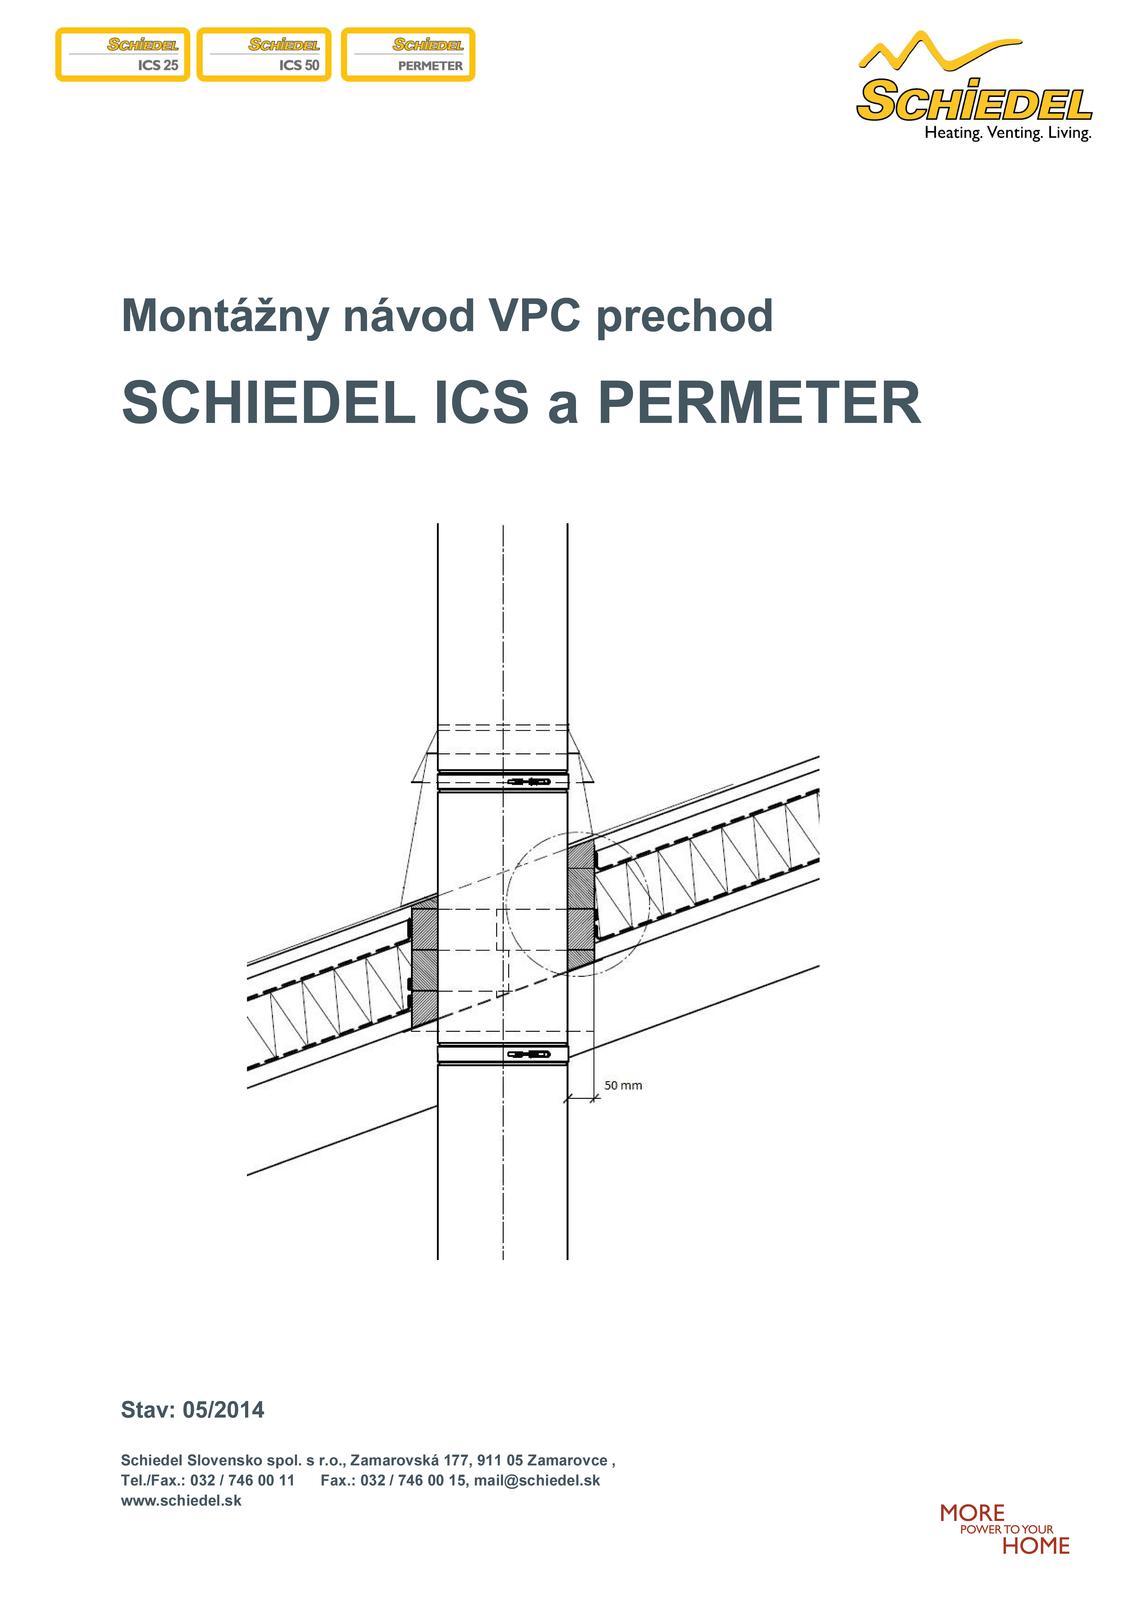 VPC prechod - napojenie izolacnych vrstiev na komin - Obrázok č. 1